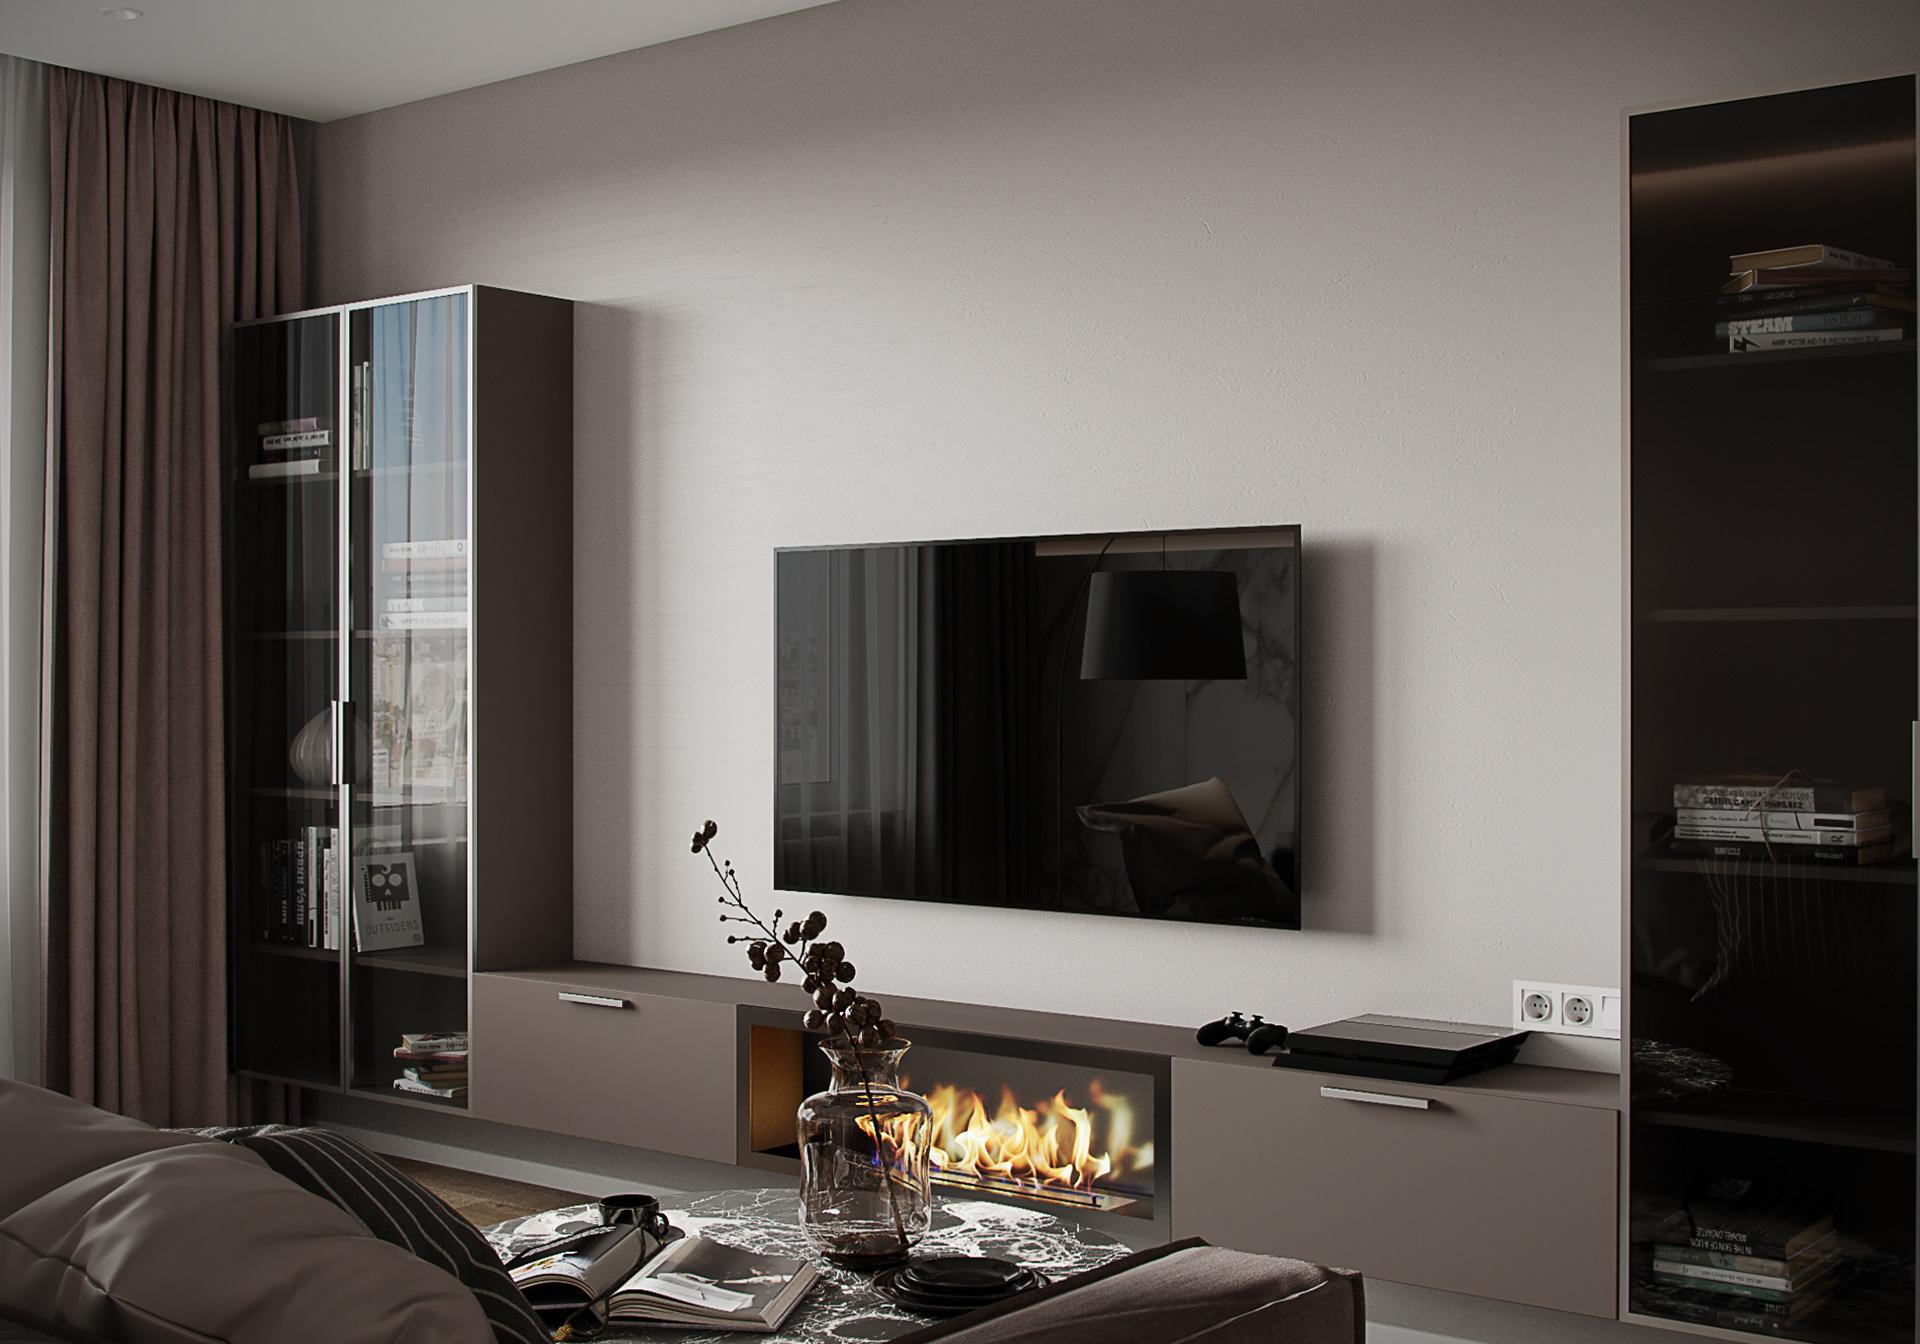 Tư vấn thiết kế căn hộ thô có diện tích 54m² với tổng chi phí 83 triệu đồng - Ảnh 3